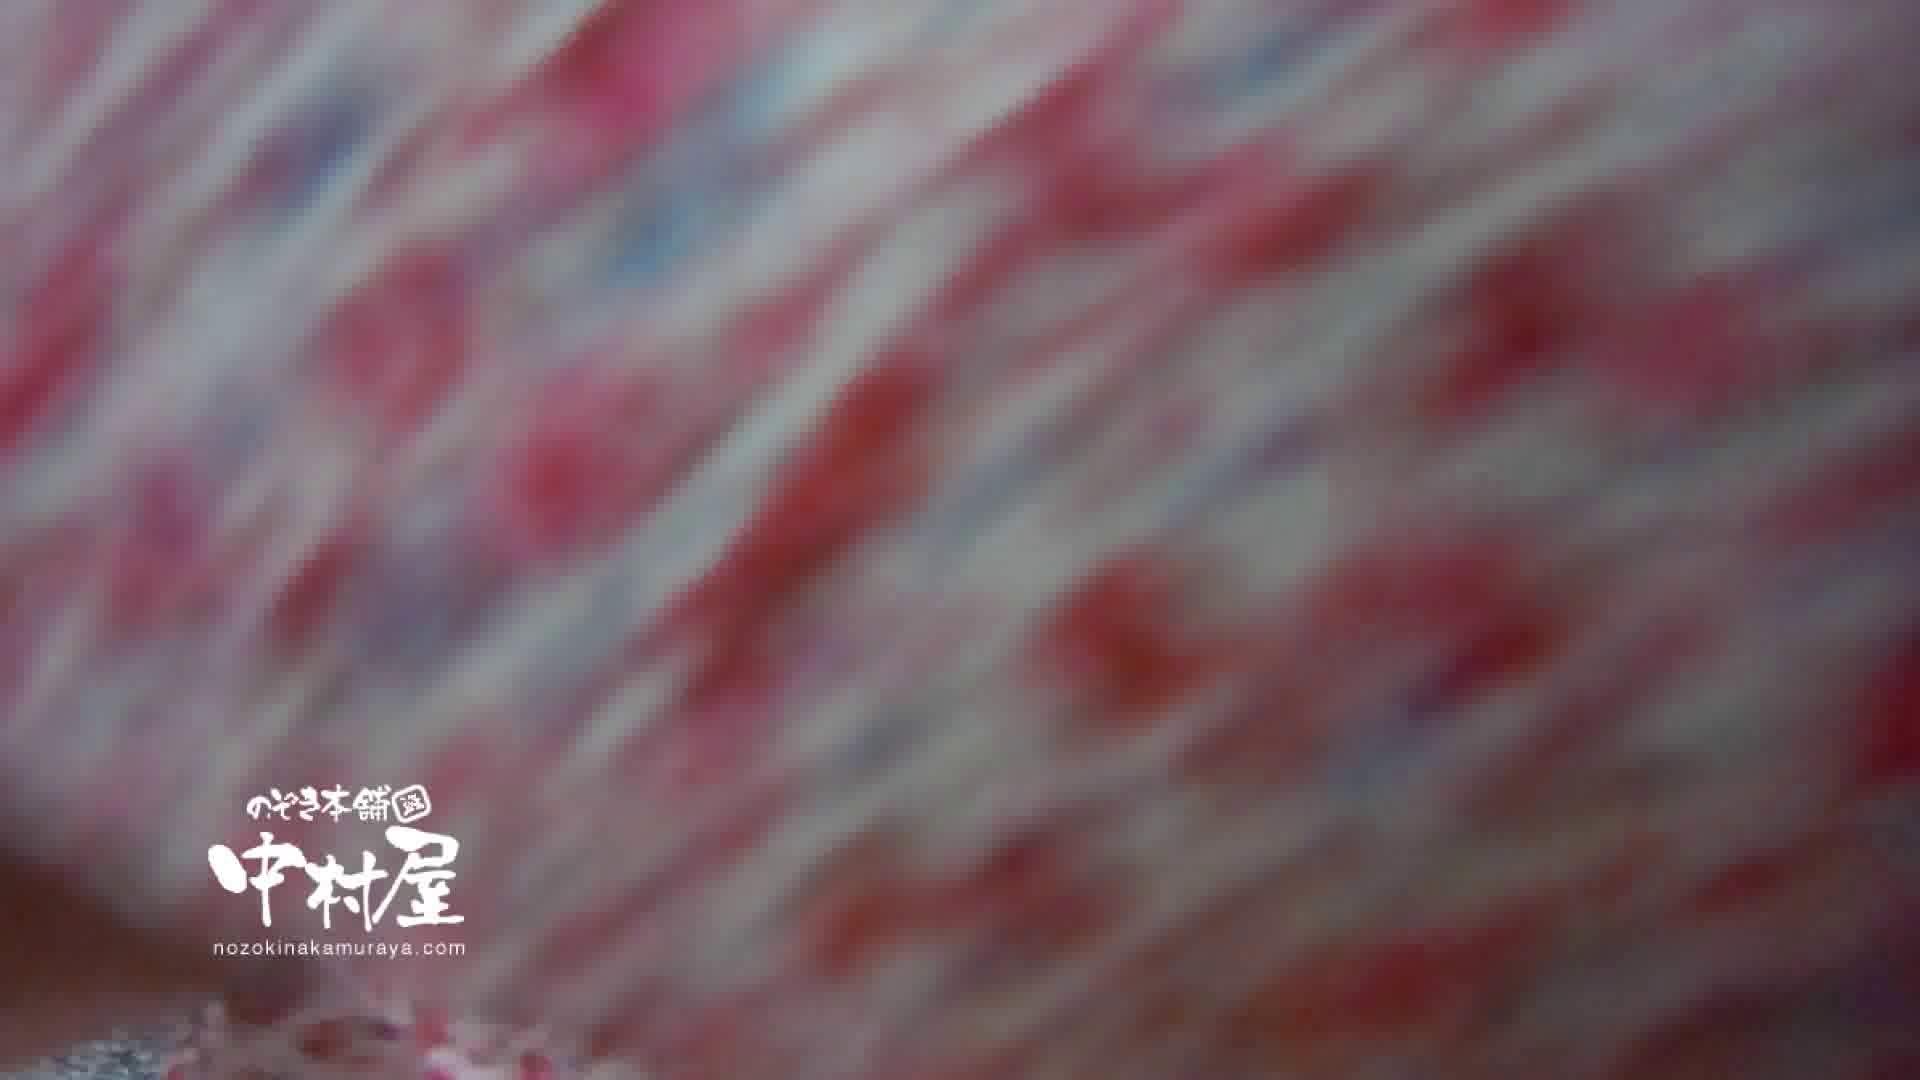 鬼畜 vol.16 実はマンざらでもない柔らかおっぱいちゃん 前編 ギャルのおっぱい | 鬼畜  66連発 25